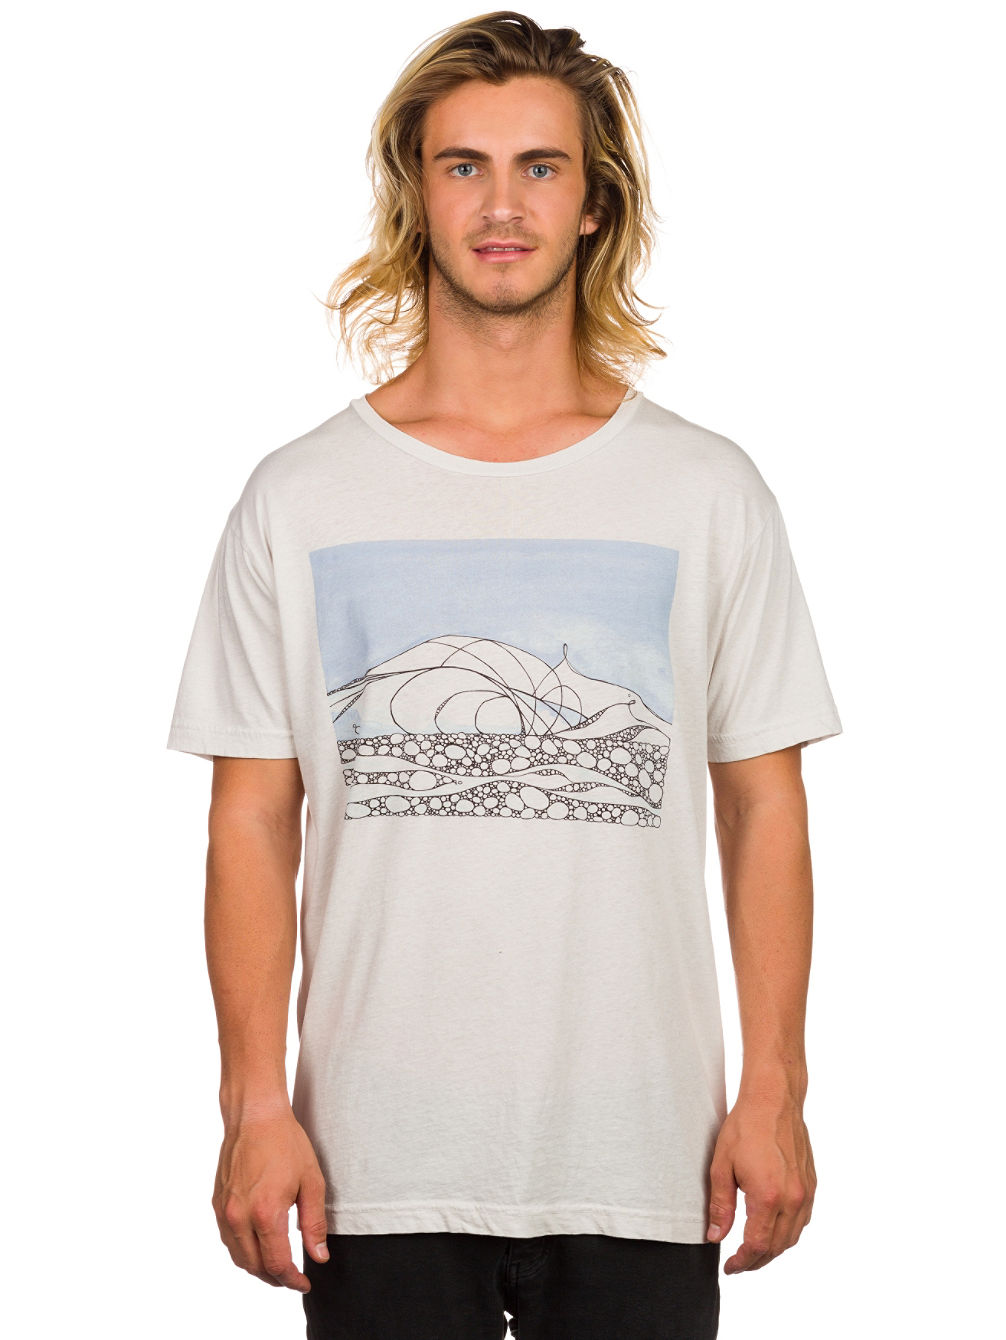 bender-t-shirt